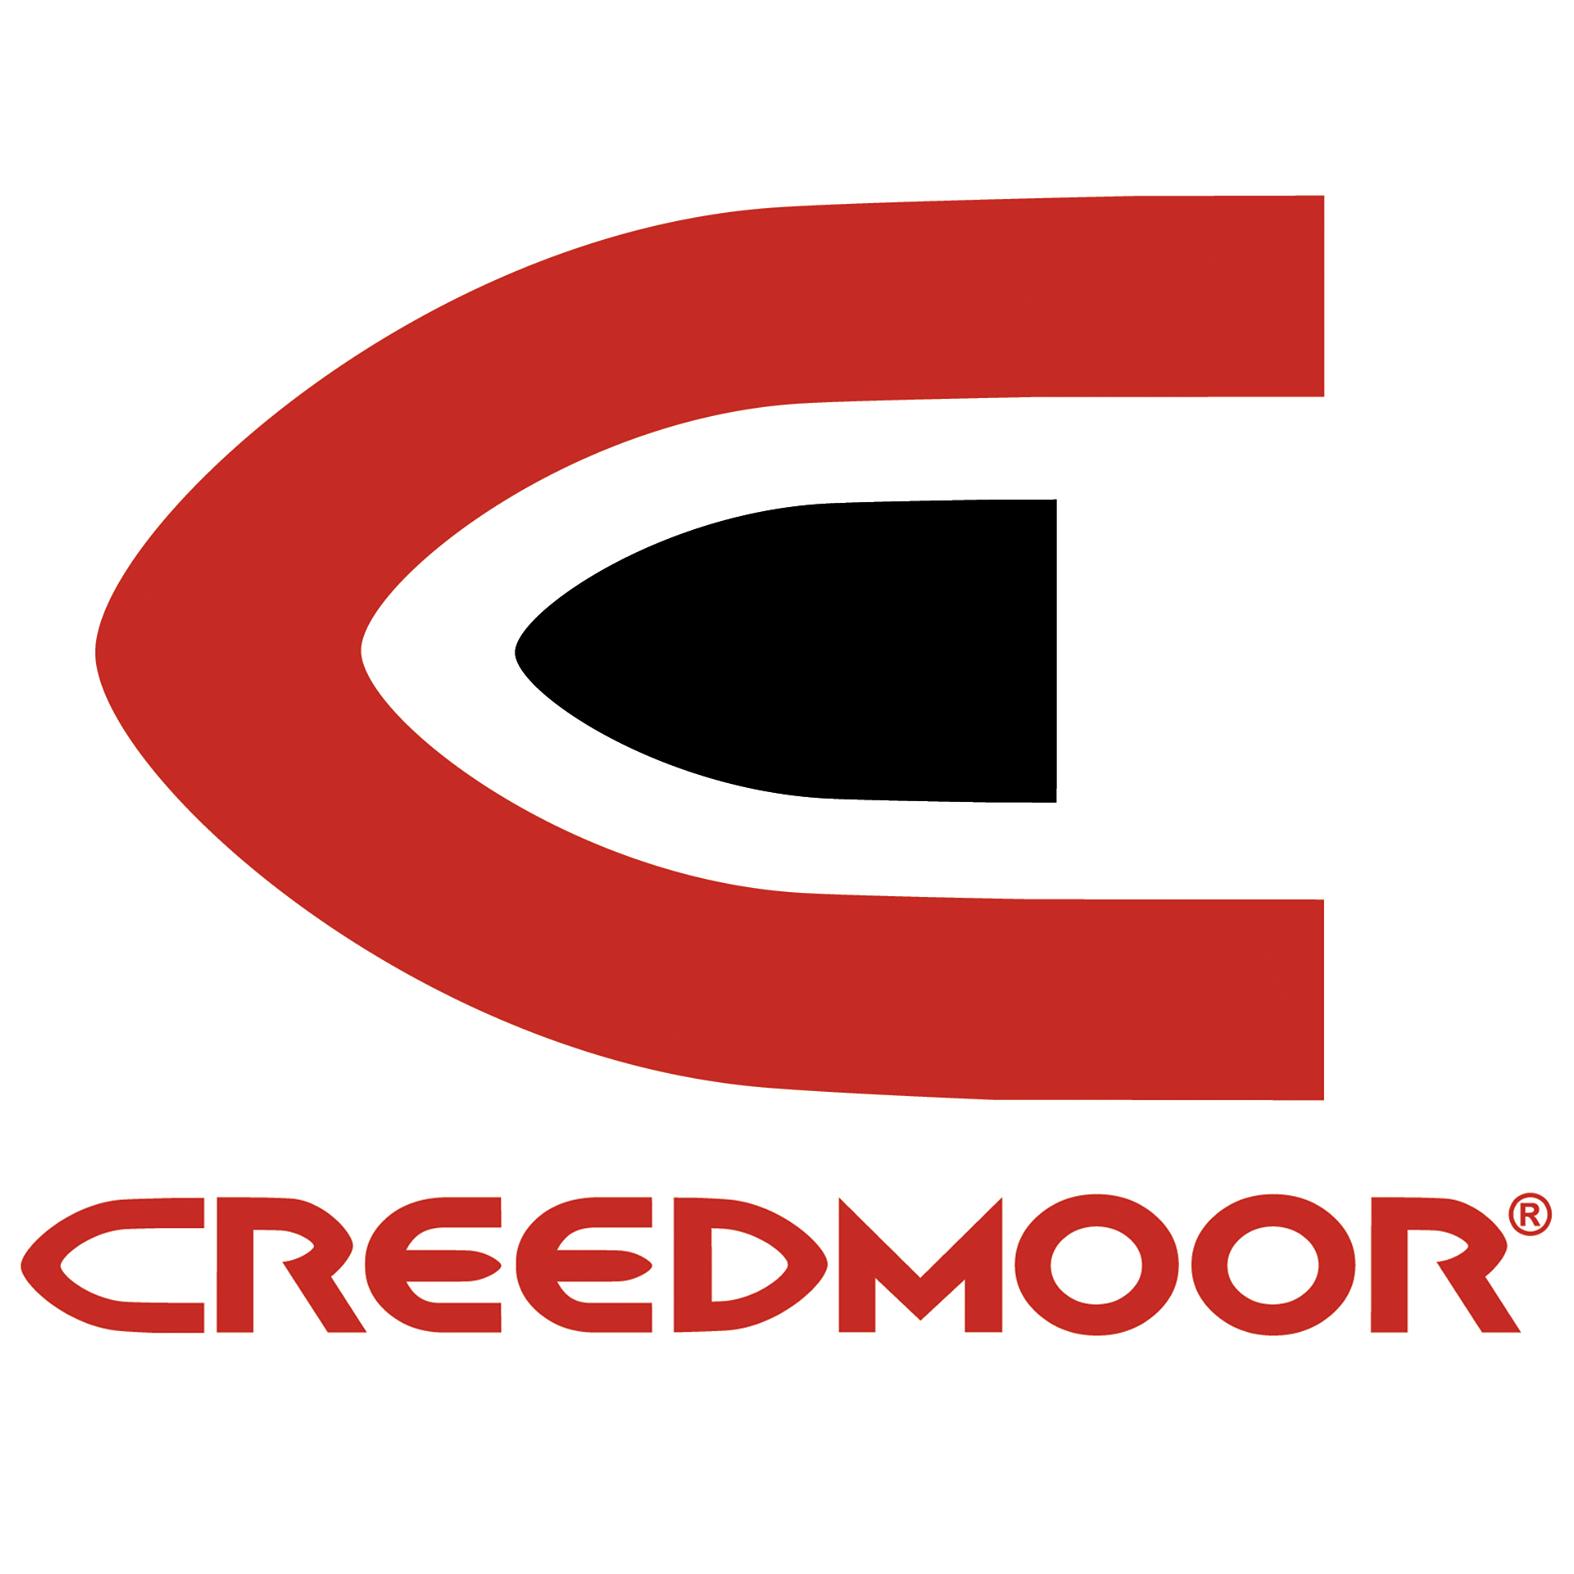 Creedmoor